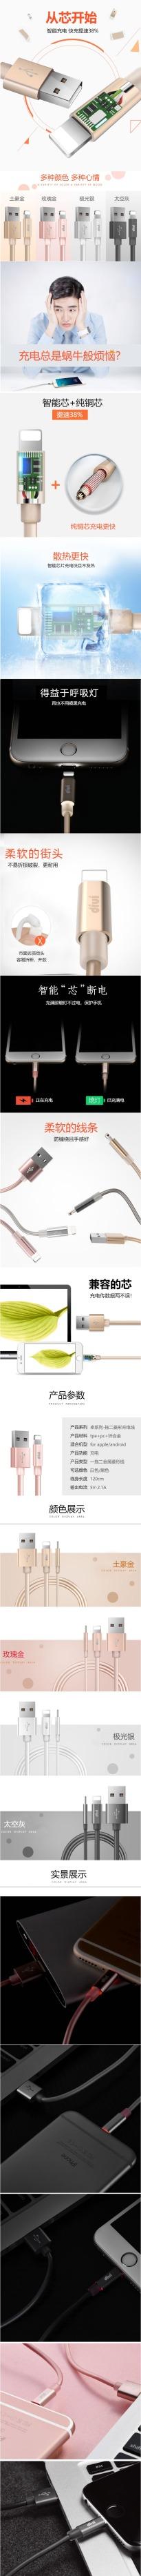 简约时尚充电线电商详情页